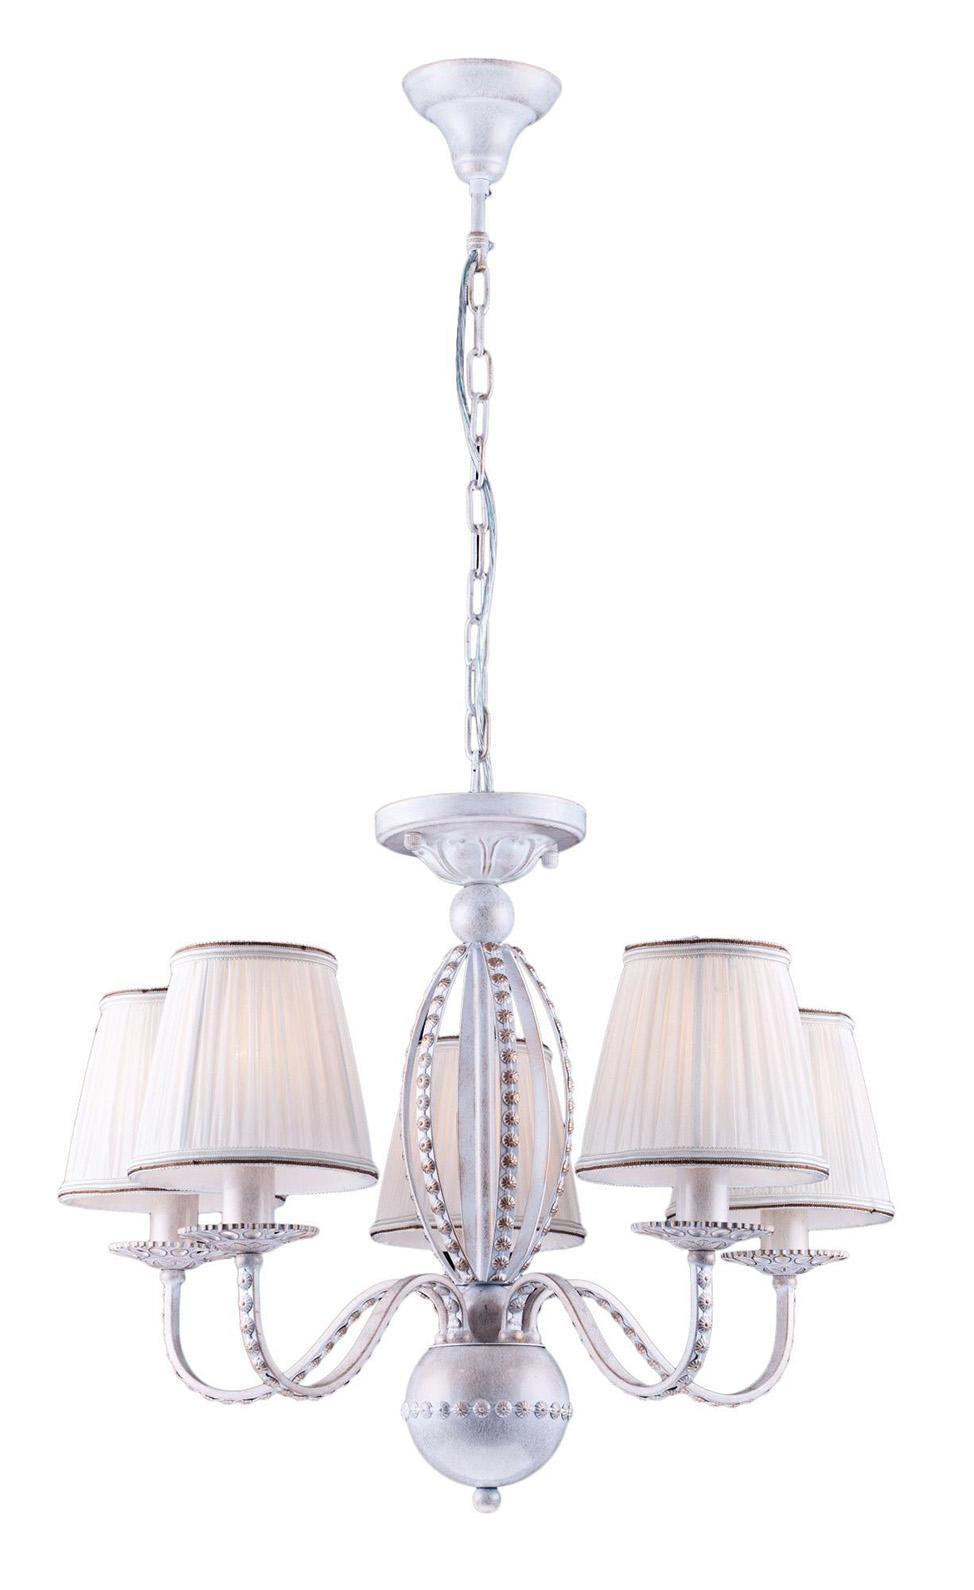 Люстра Arte lampЛюстры<br>Назначение светильника: для гостиной,<br>Стиль светильника: классика,<br>Тип: подвесная,<br>Материал светильника: металл, ткань,<br>Материал плафона: ткань,<br>Материал арматуры: металл,<br>Диаметр: 570,<br>Высота: 490,<br>Количество ламп: 5,<br>Тип лампы: накаливания,<br>Мощность: 300,<br>Патрон: Е14,<br>Цвет арматуры: белый<br>